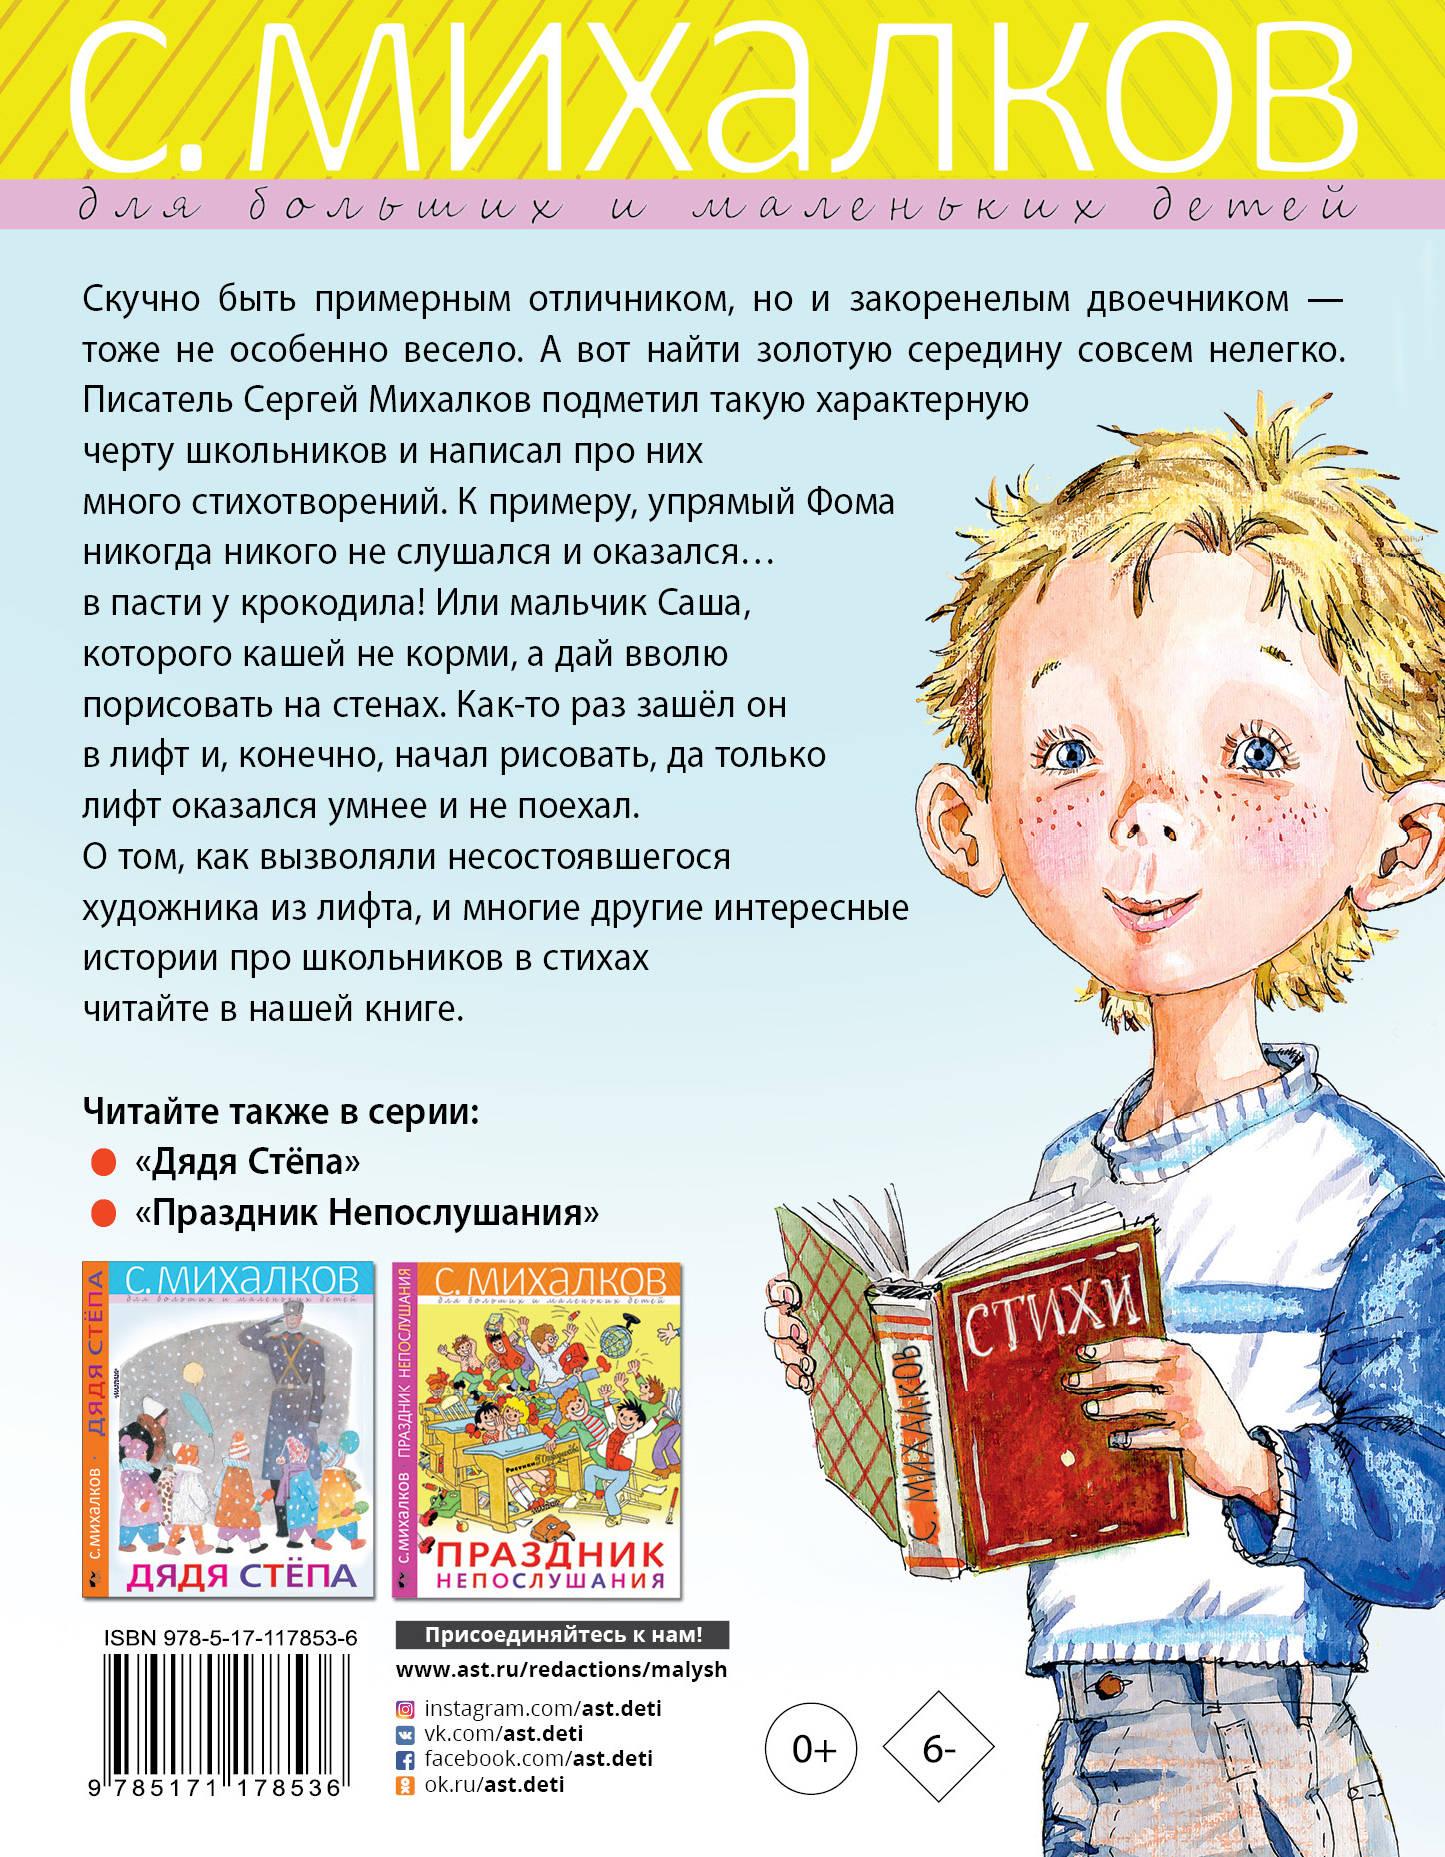 Михалков Сергей Владимирович. Школьные истории